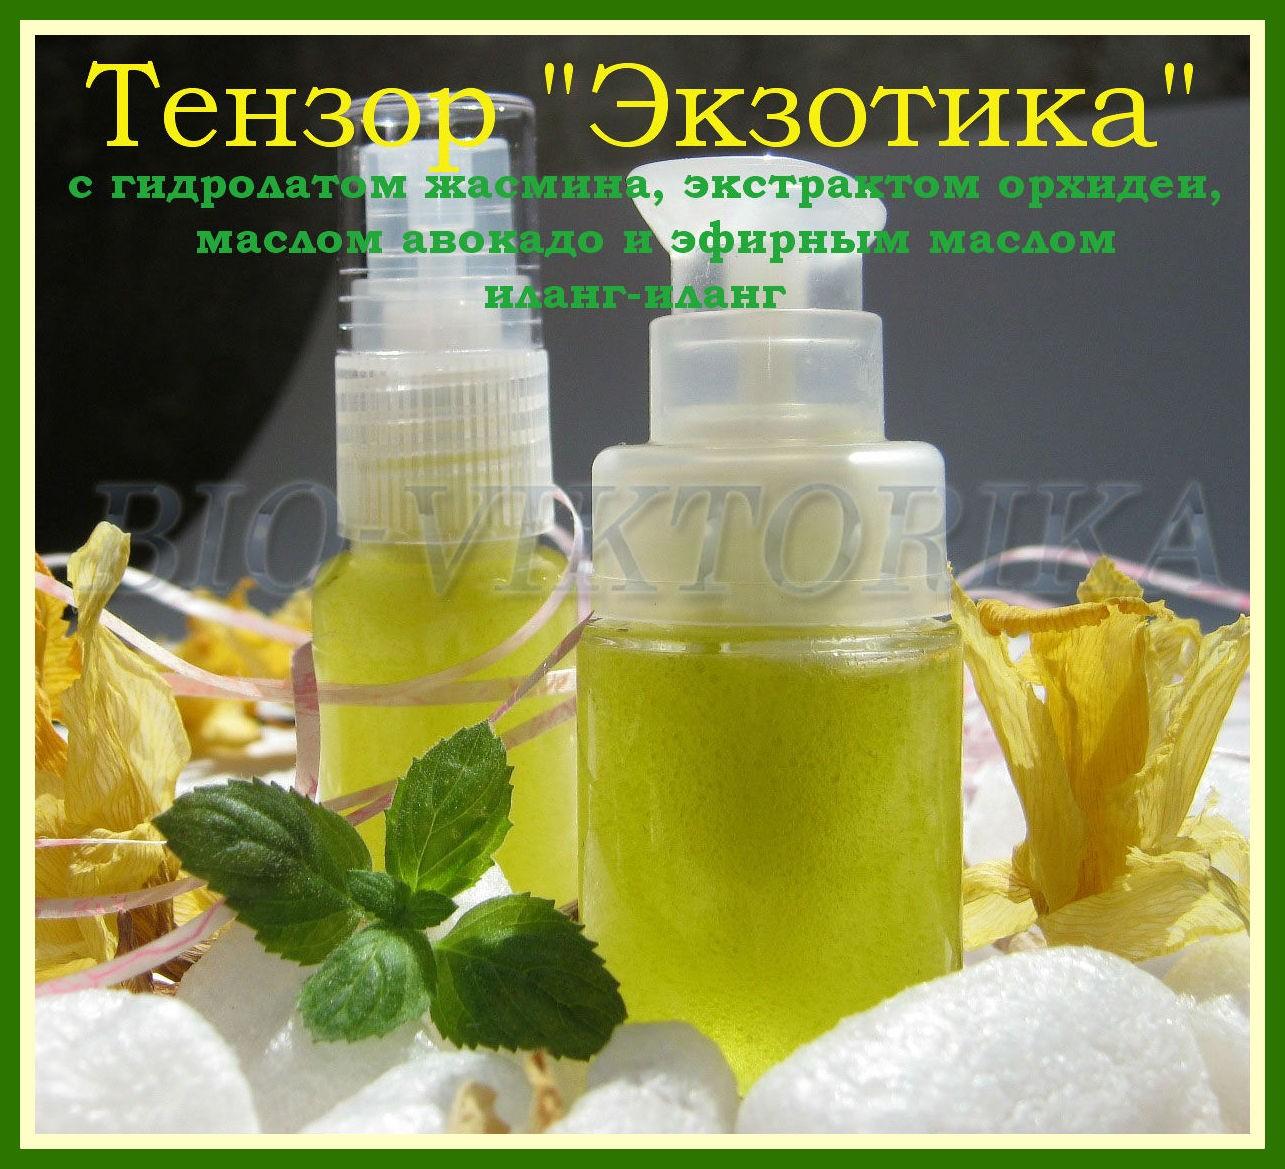 Bio-Viktorika Тензор для лица